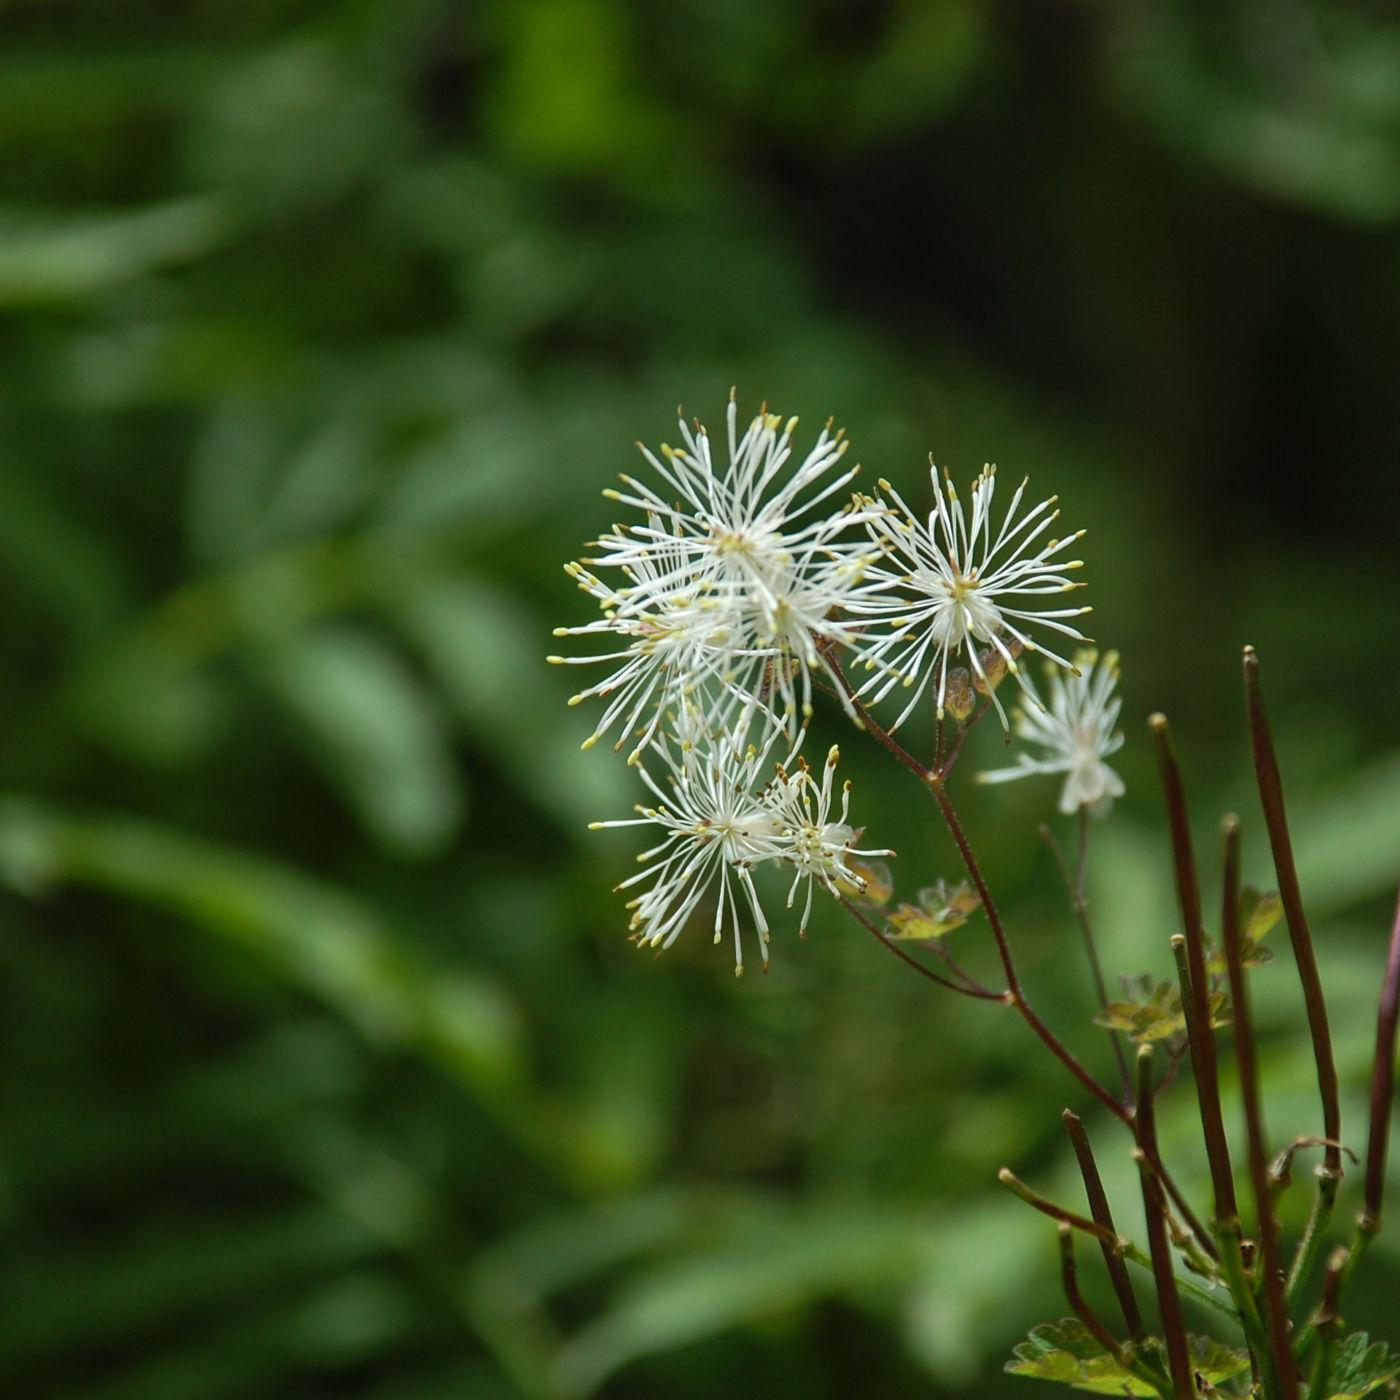 黄龍 高山植物 白 放射状 花